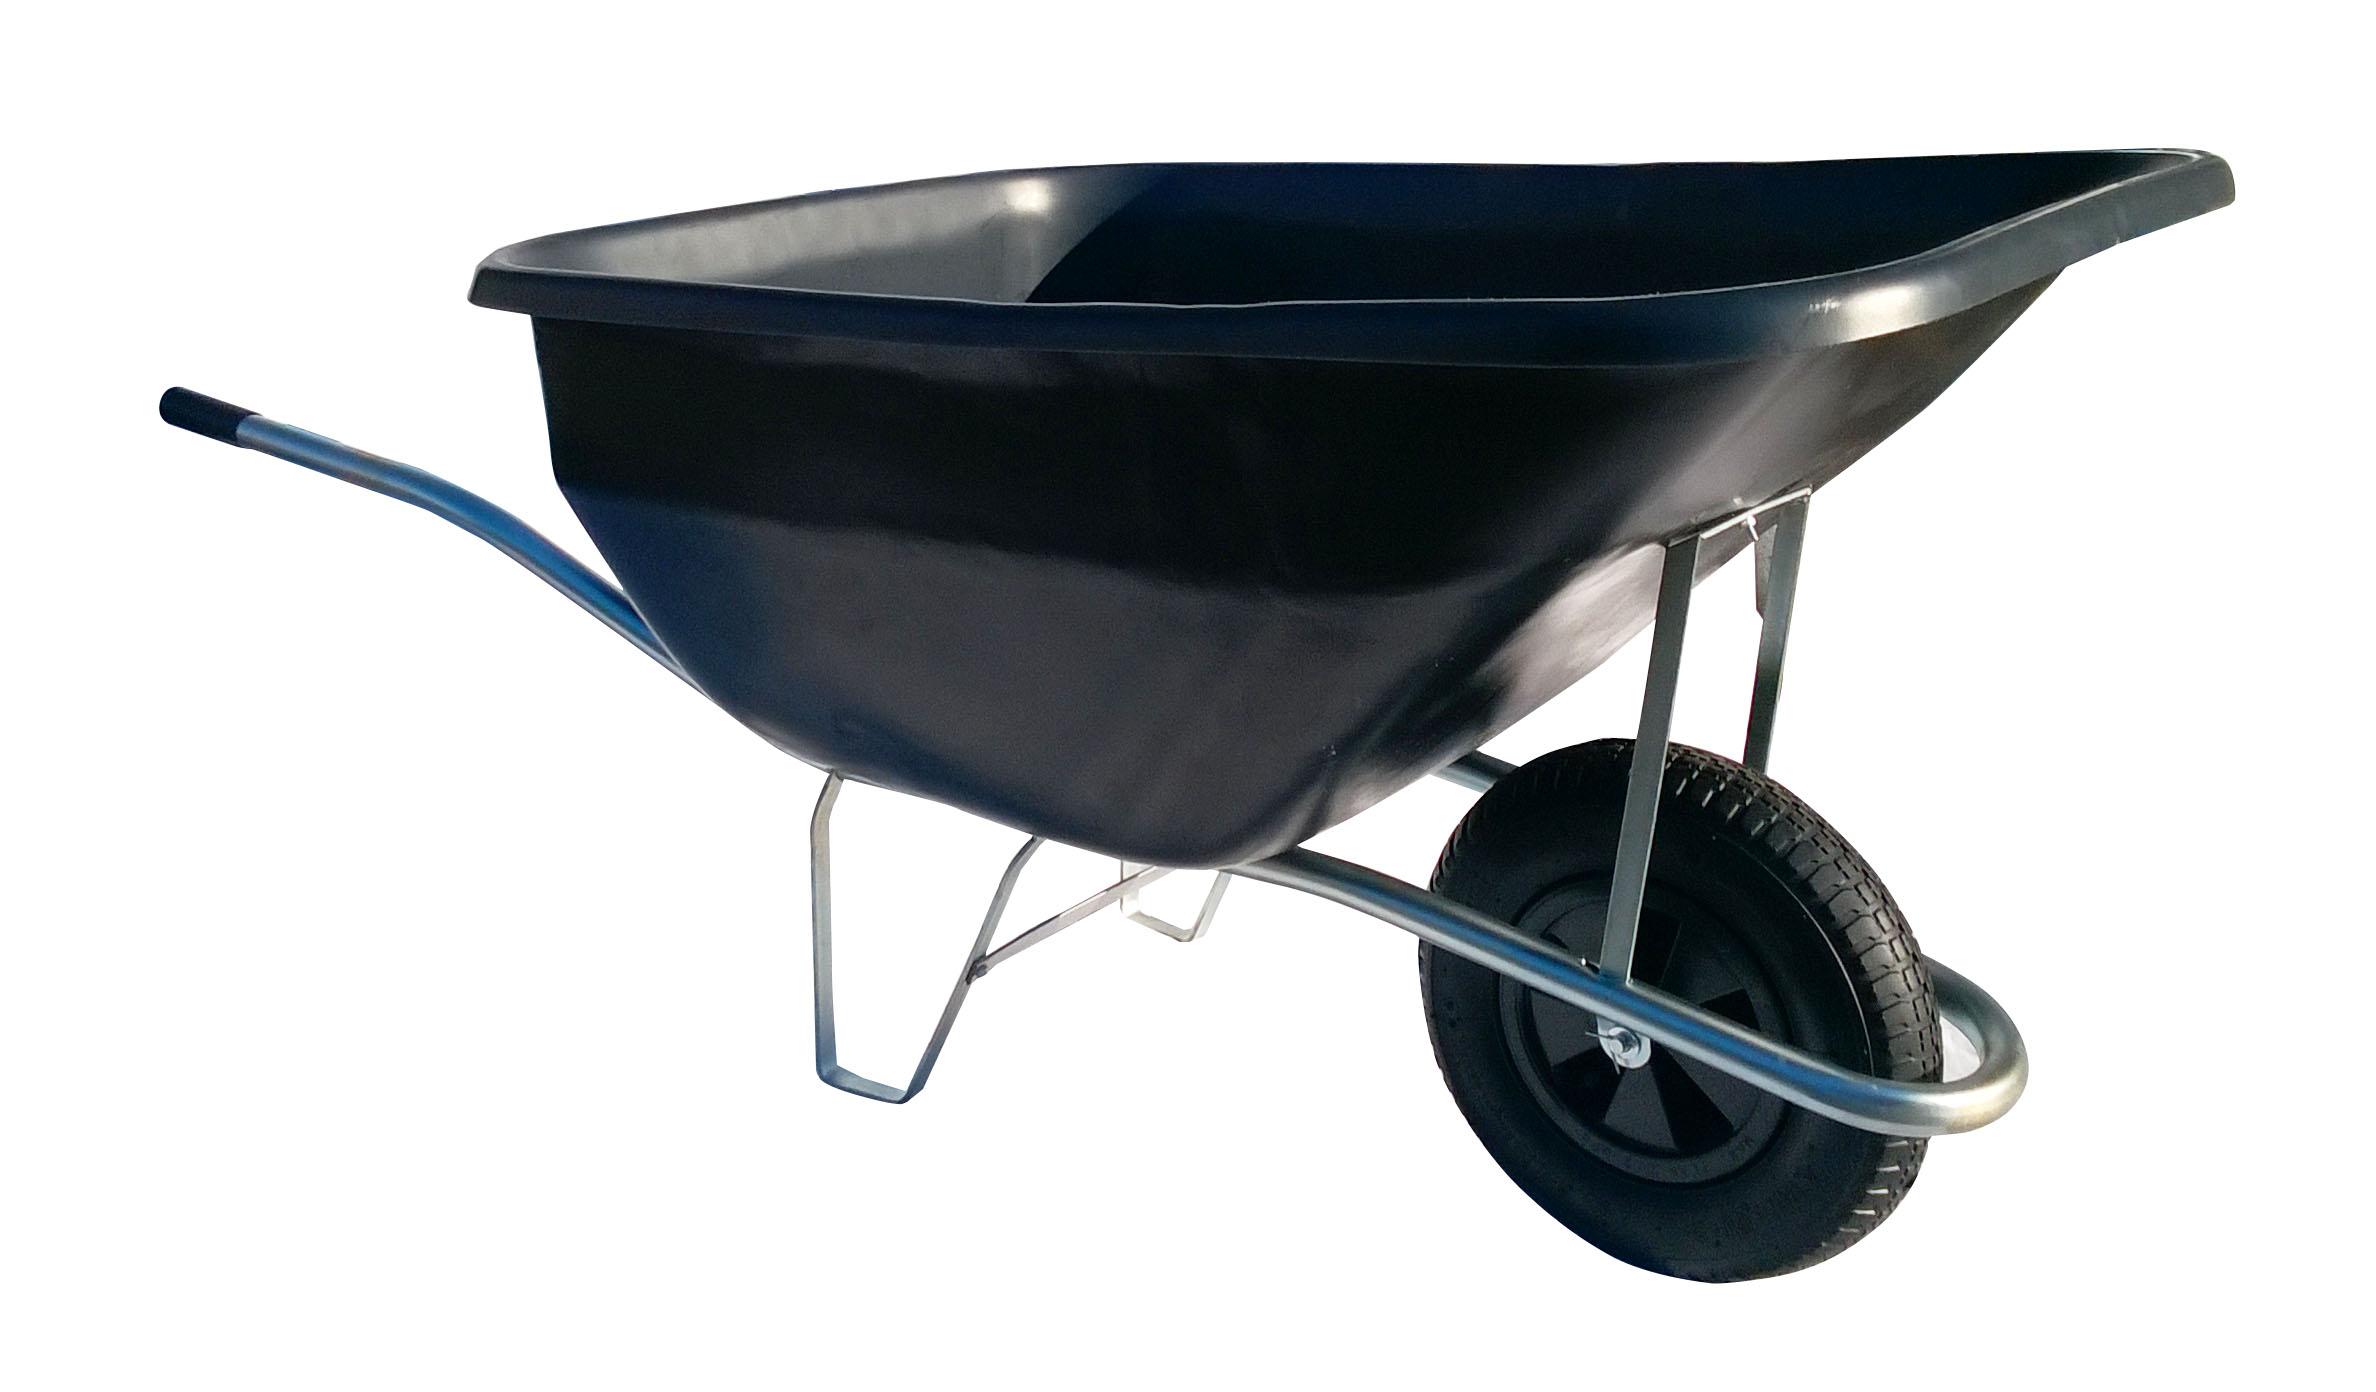 HTI Zahradní kolečko 180L s nafukovací pneumatikou a pozinkovaným rámem KZ12